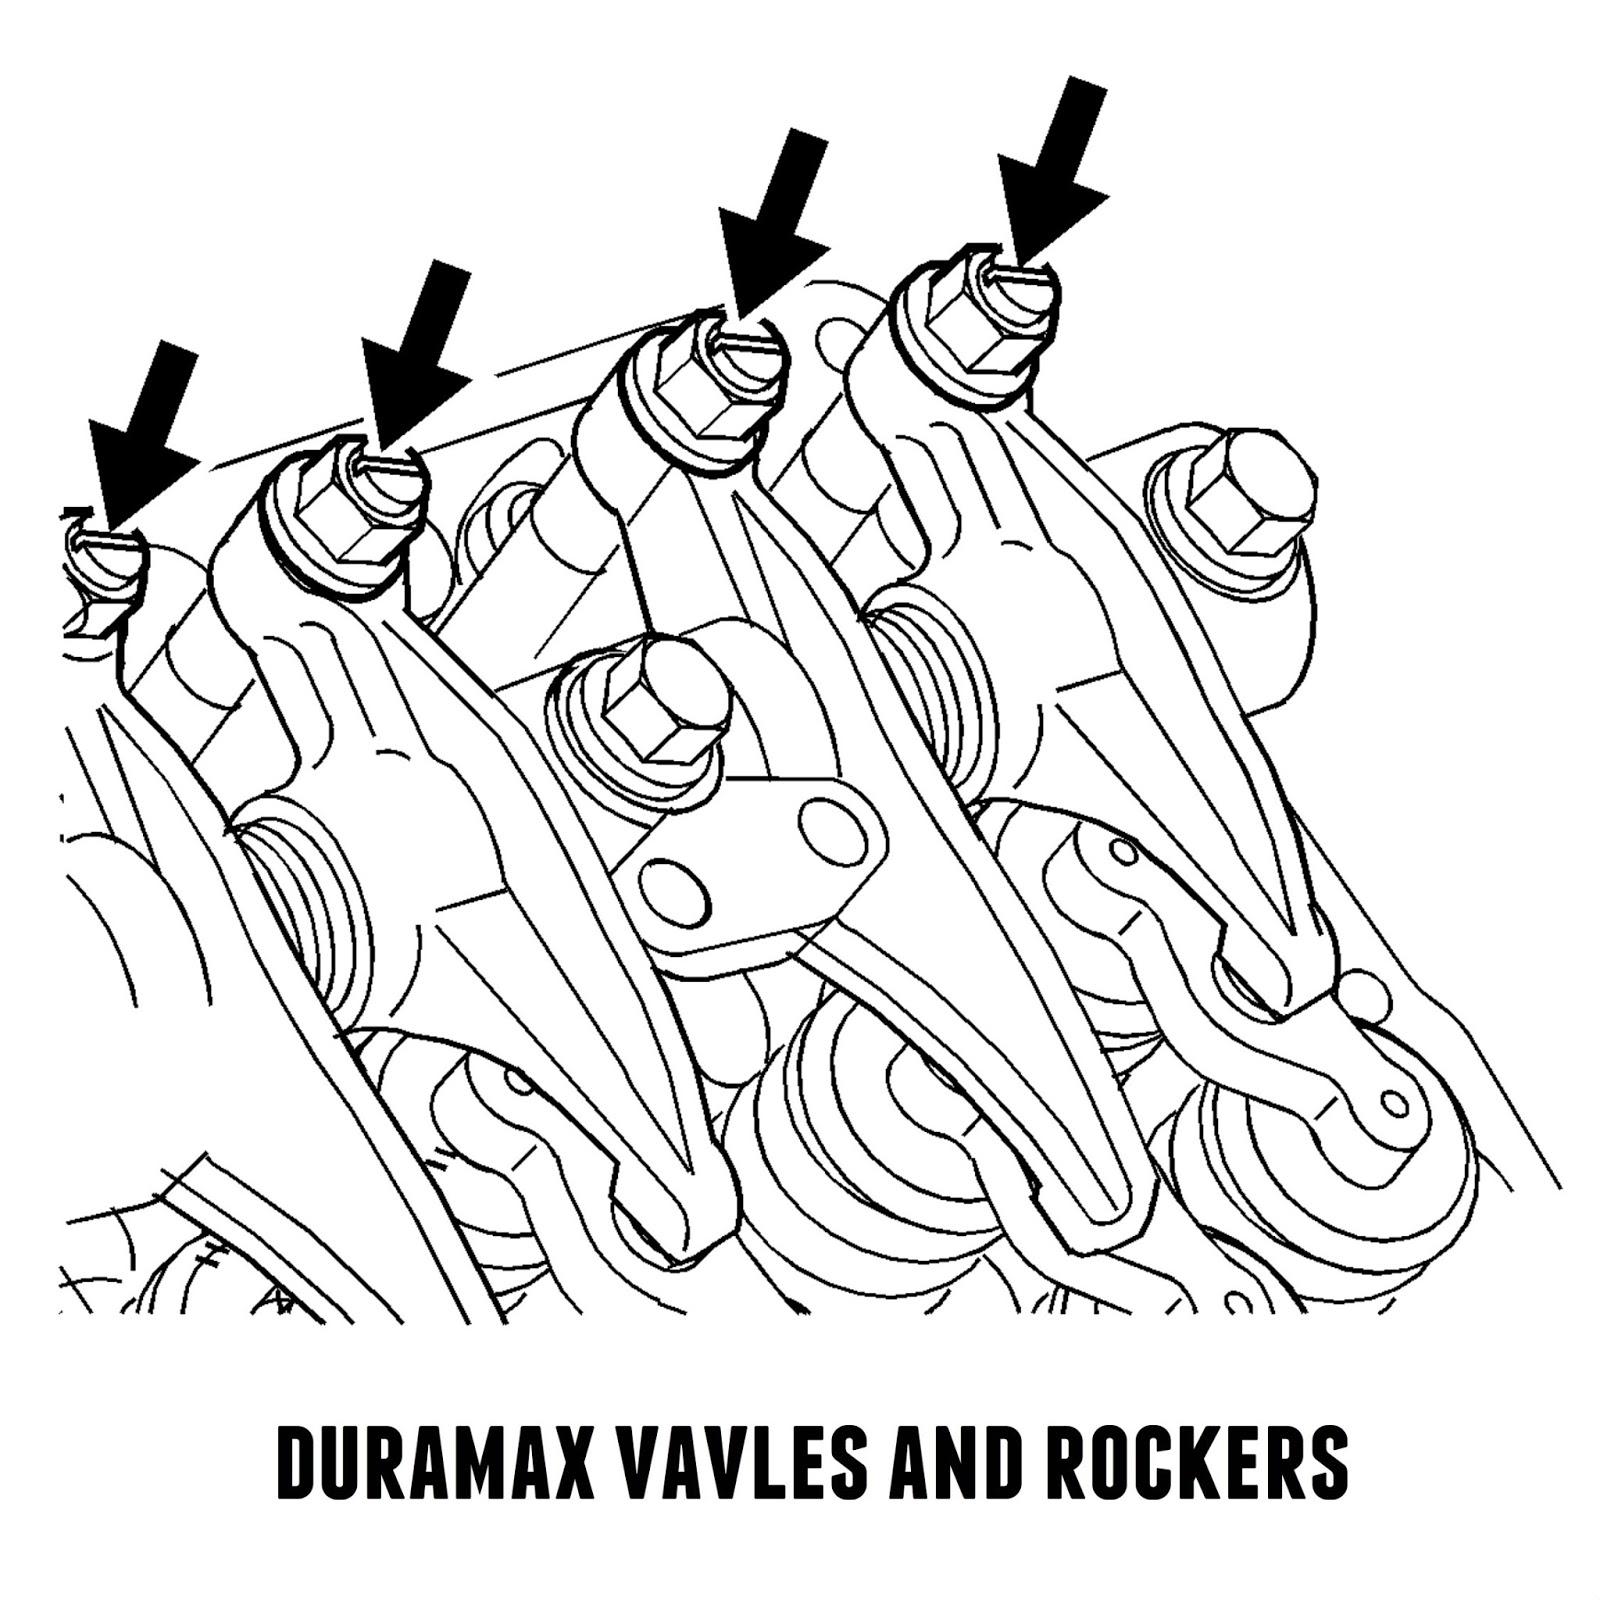 Duramax 66l valve lash adjustment duramax 2bvalve 2badjustment 2brockers duramax 66l valve lash adjustmenthtml lb7 duramax engine diagram images